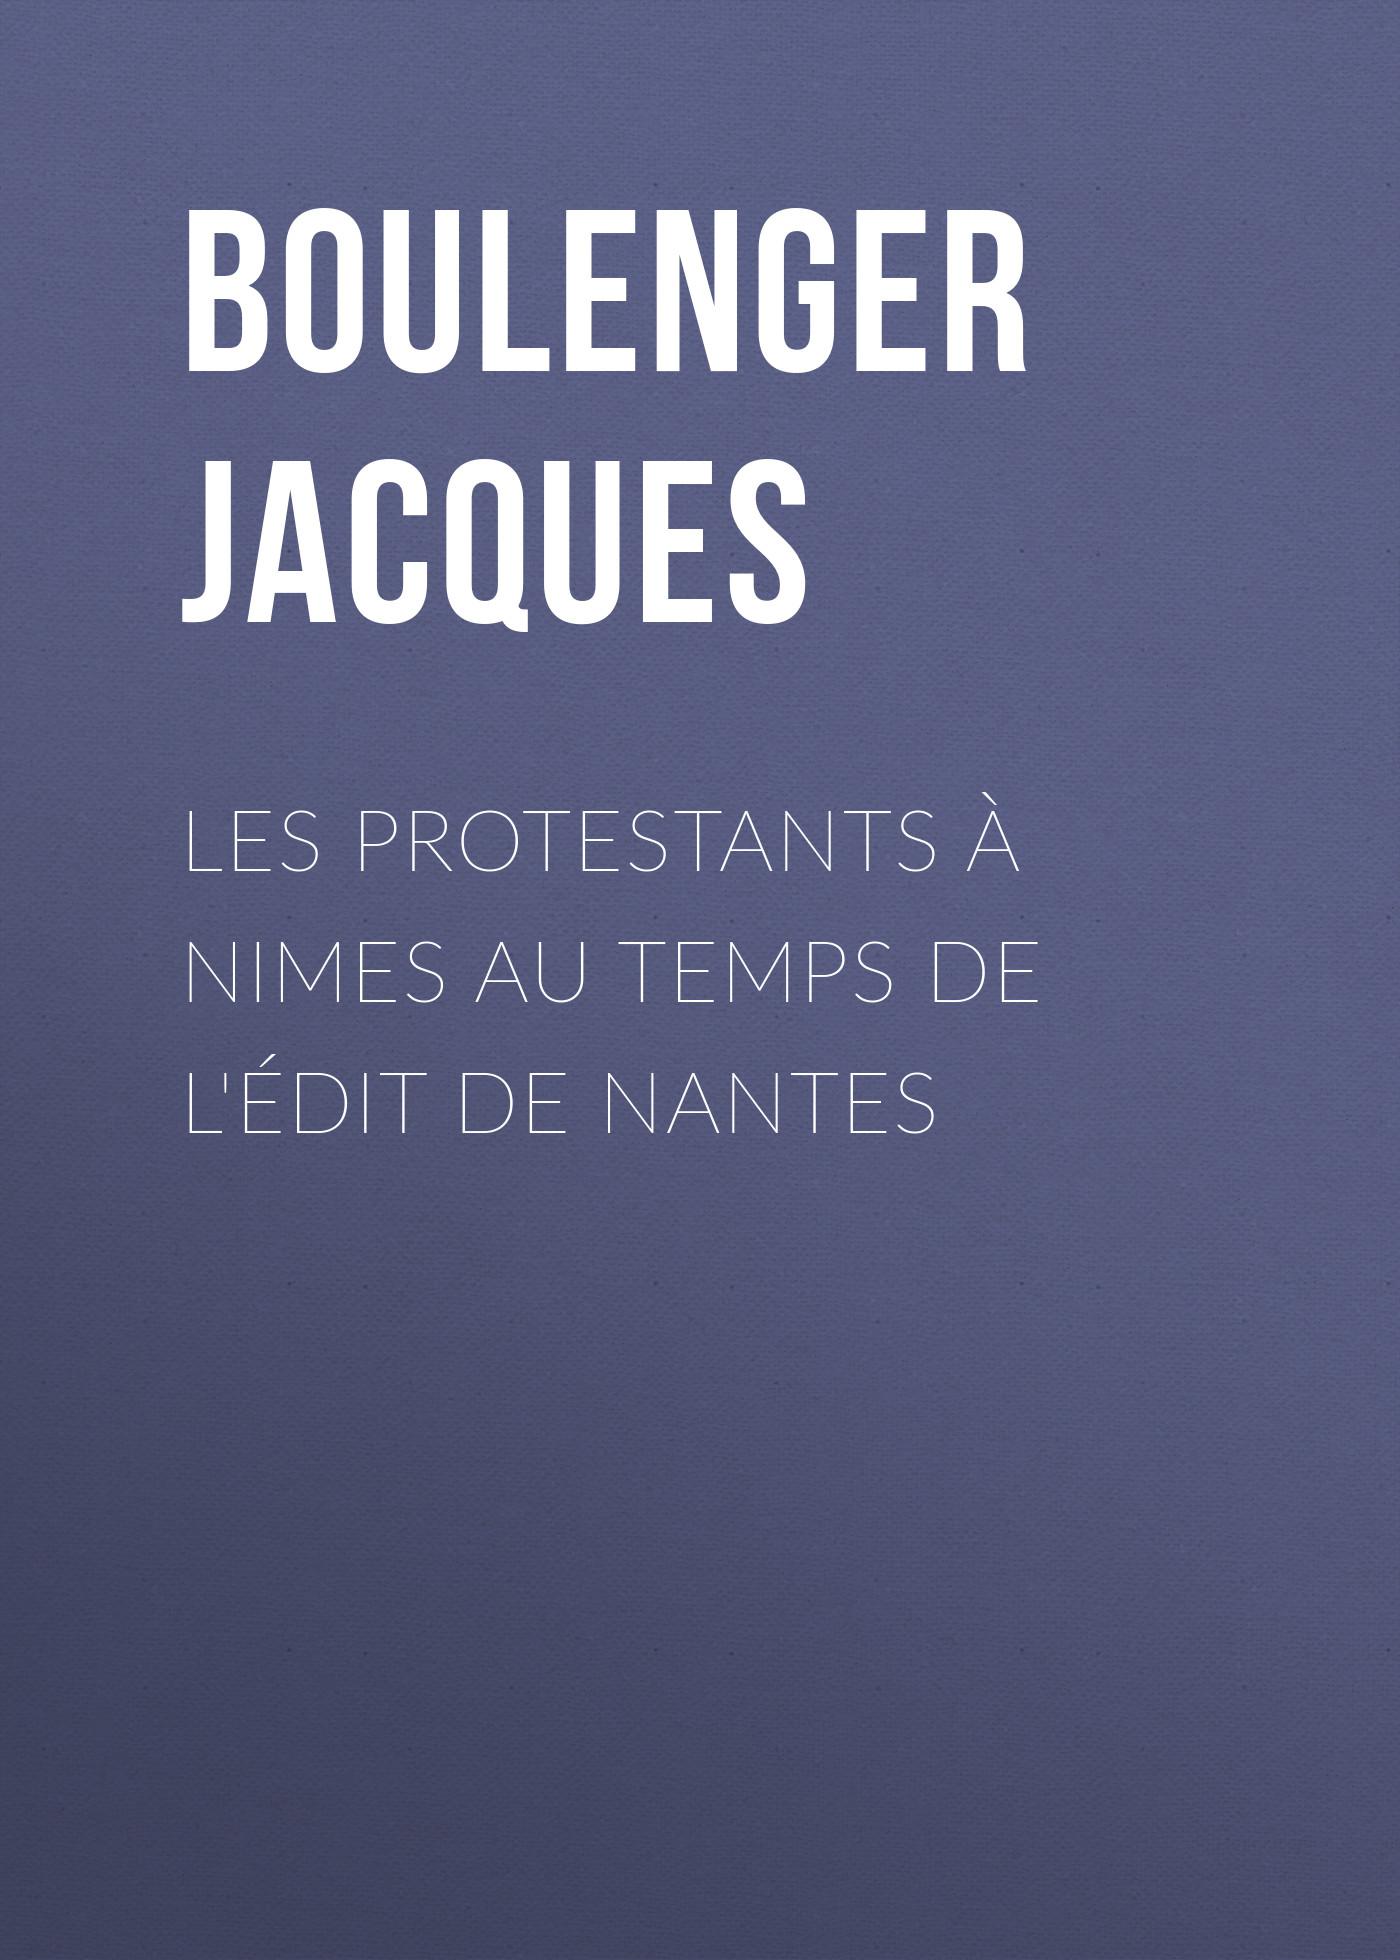 Boulenger Jacques Les protestants à Nimes au temps de l'édit de Nantes calogero nantes